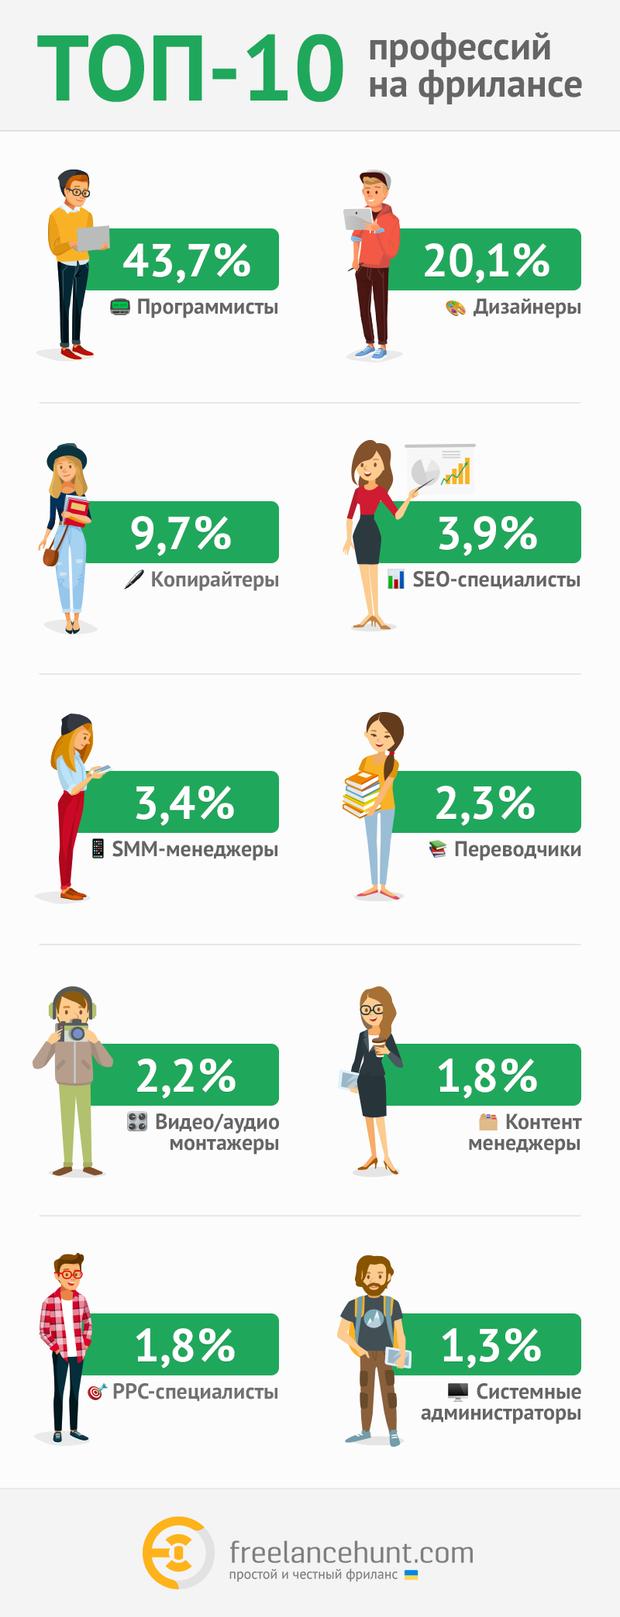 10 найбільш затребуваних професій у фрілансі